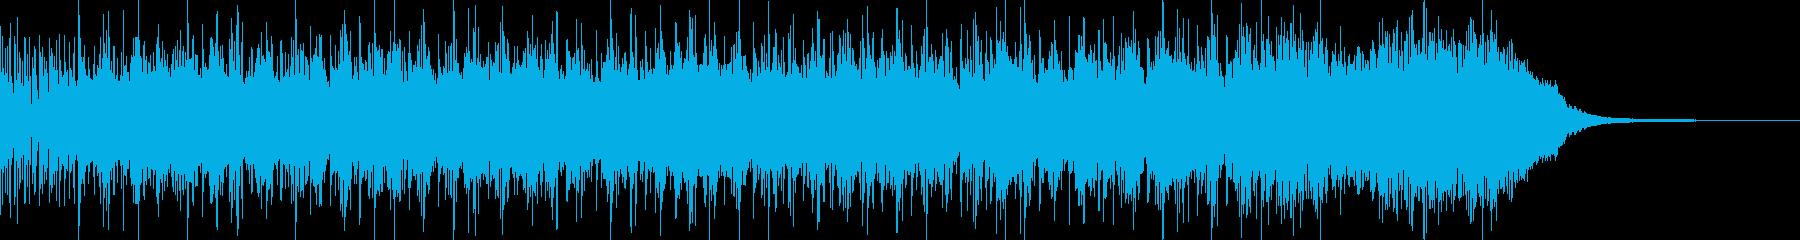 生演奏ギターのメタルインスト ジングルの再生済みの波形